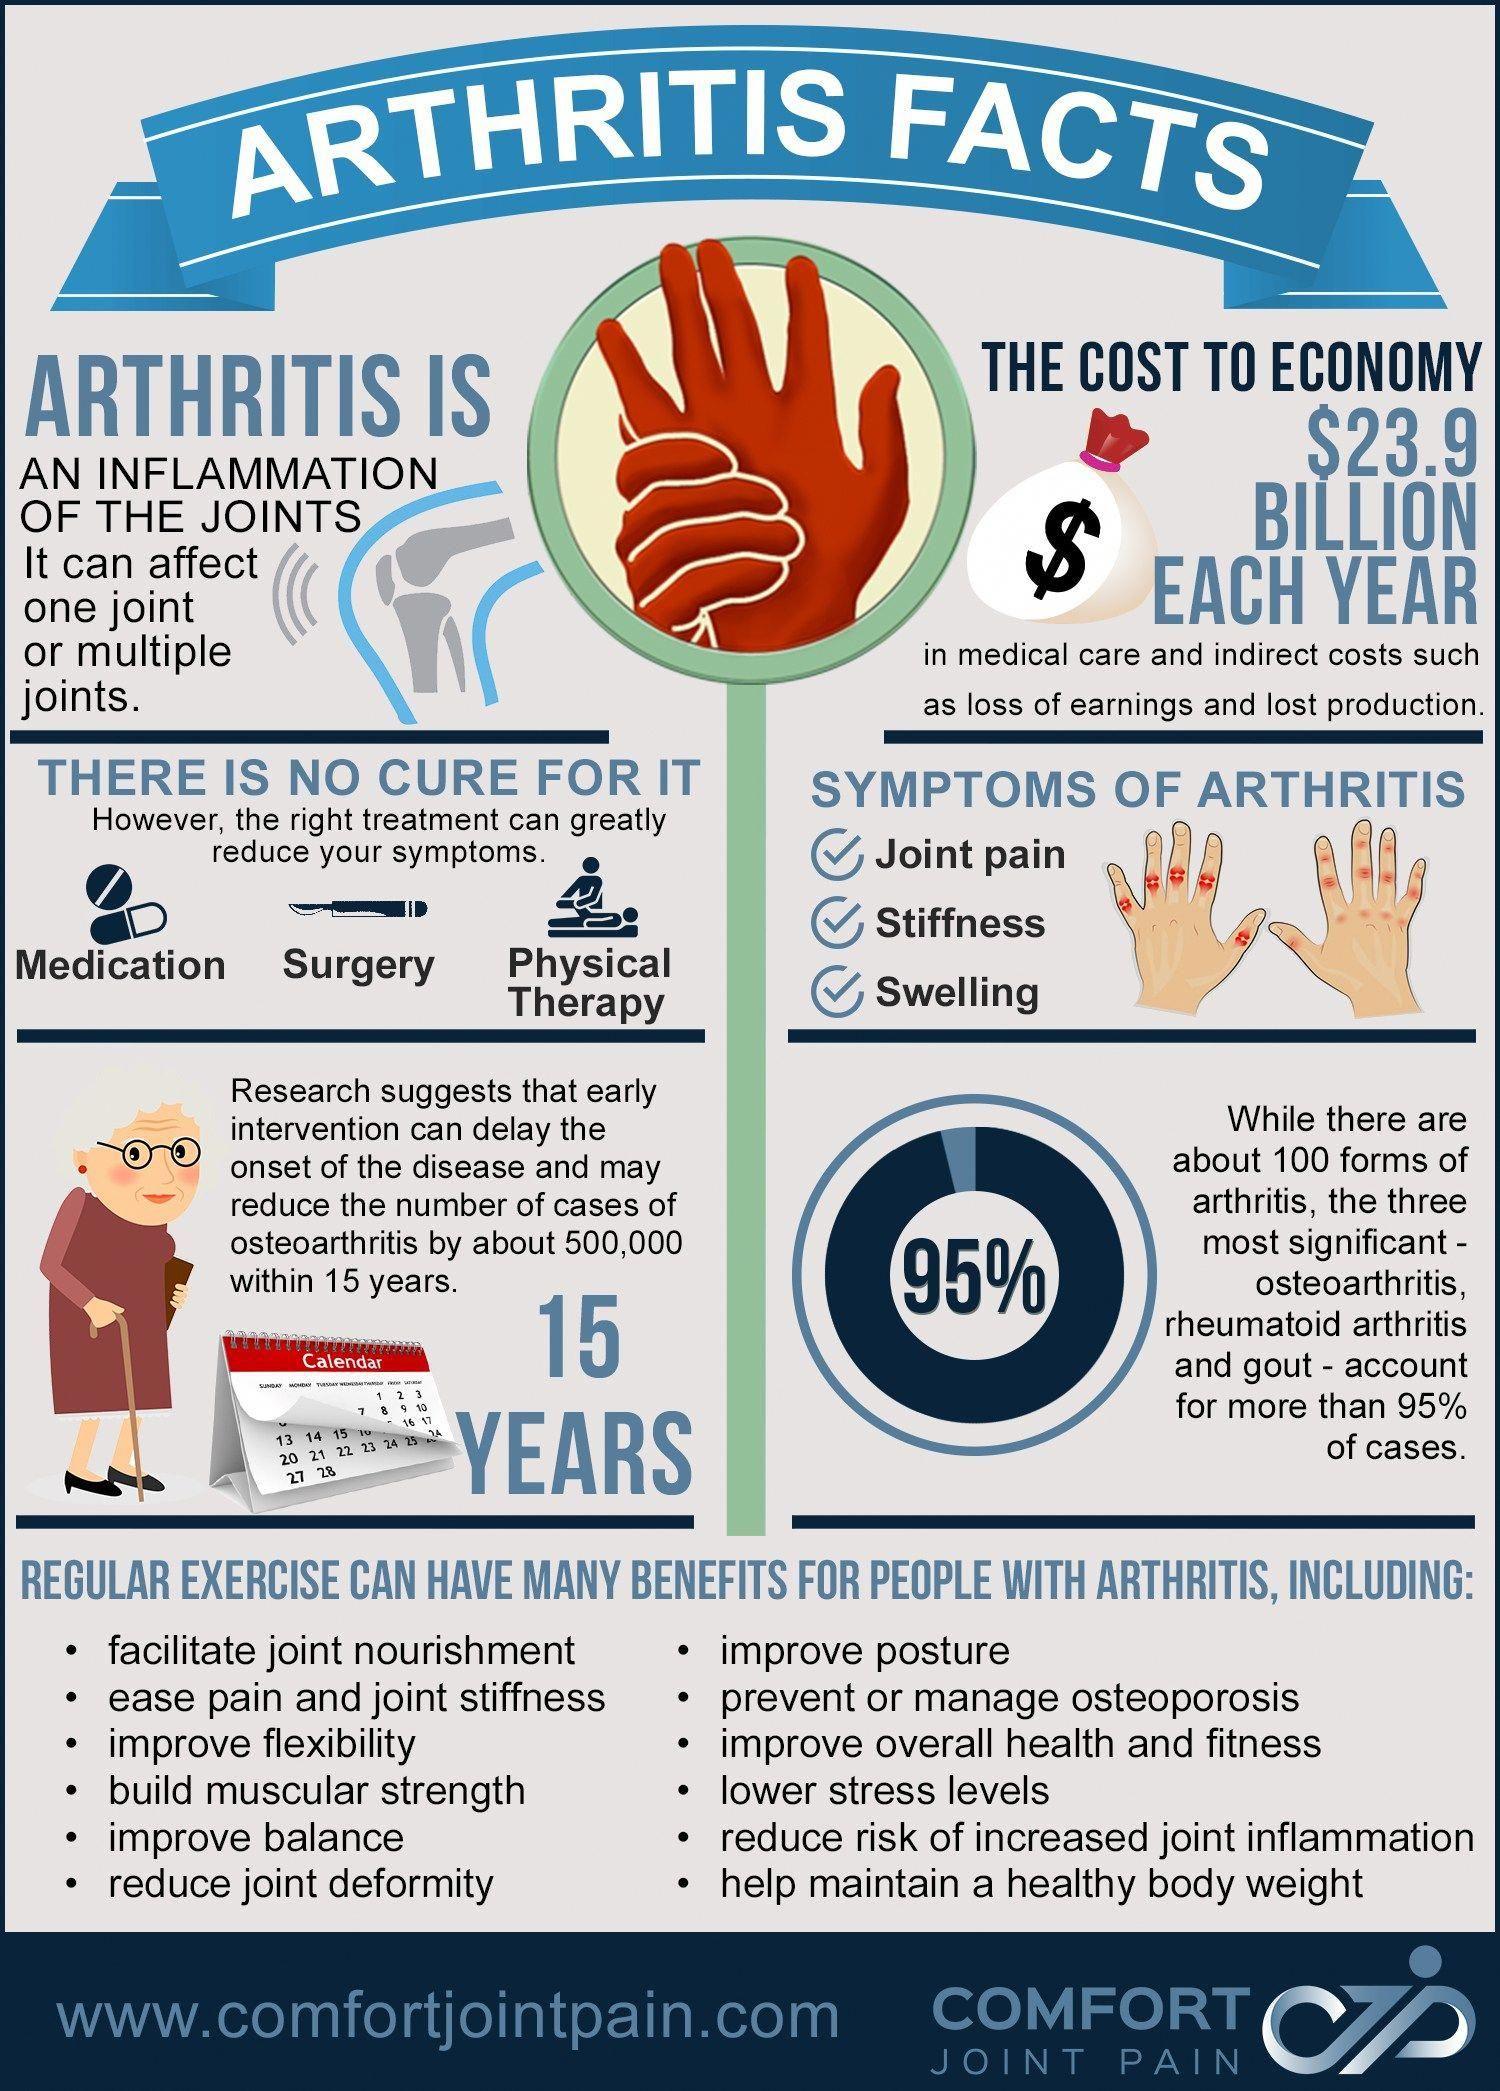 41e123ff2658b4b6a20911c1b6a4a0ee - How Long Does It Take To Get Over Reactive Arthritis